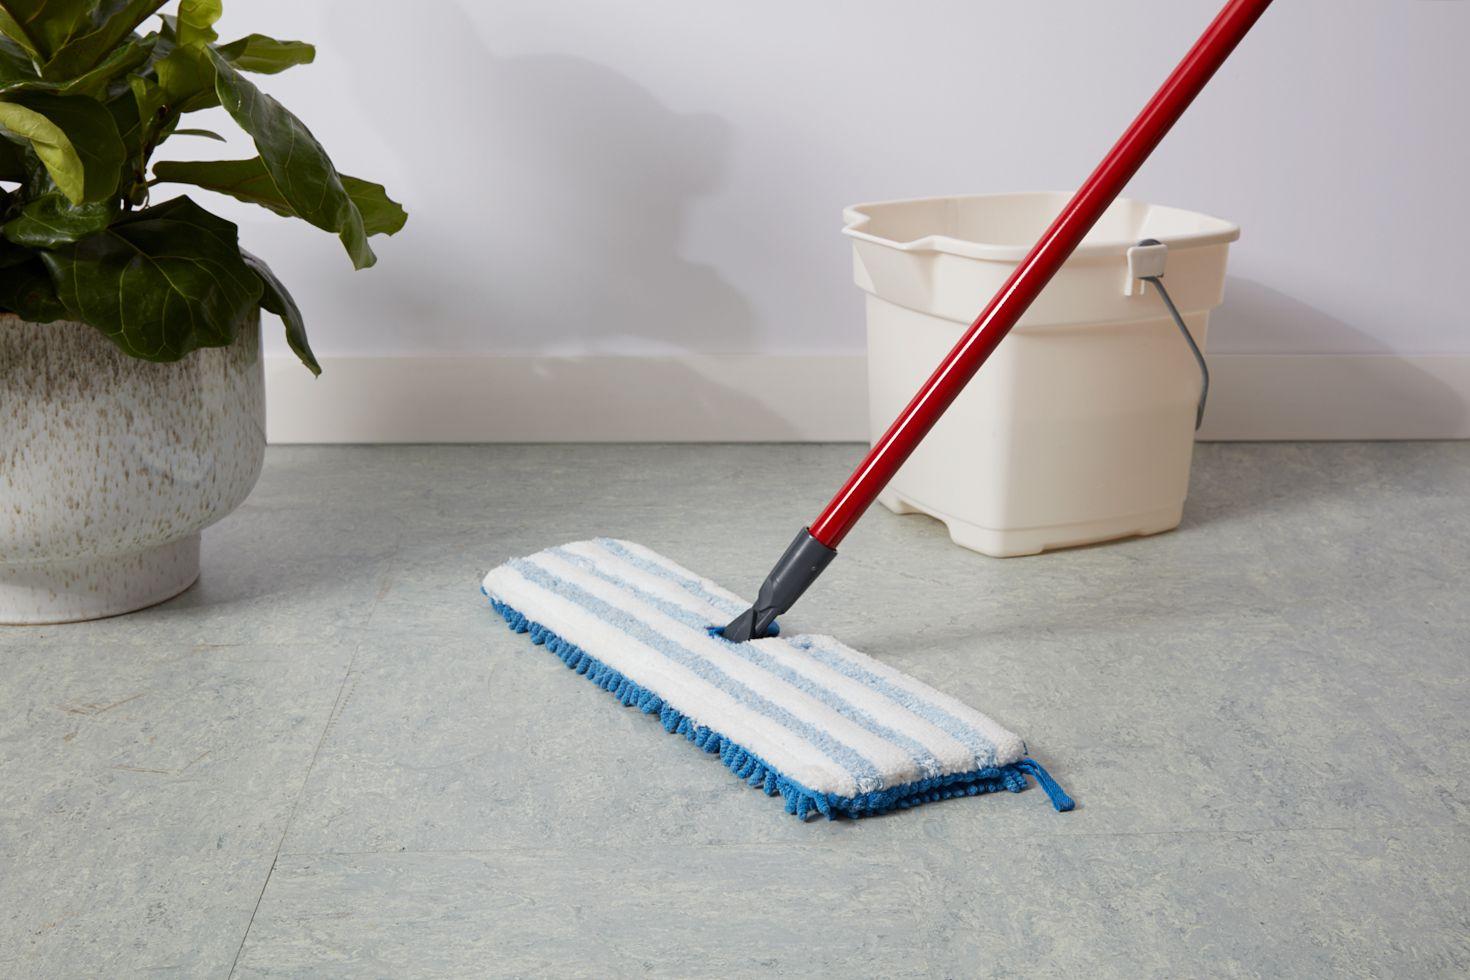 Microfiber mop on linoleum floor